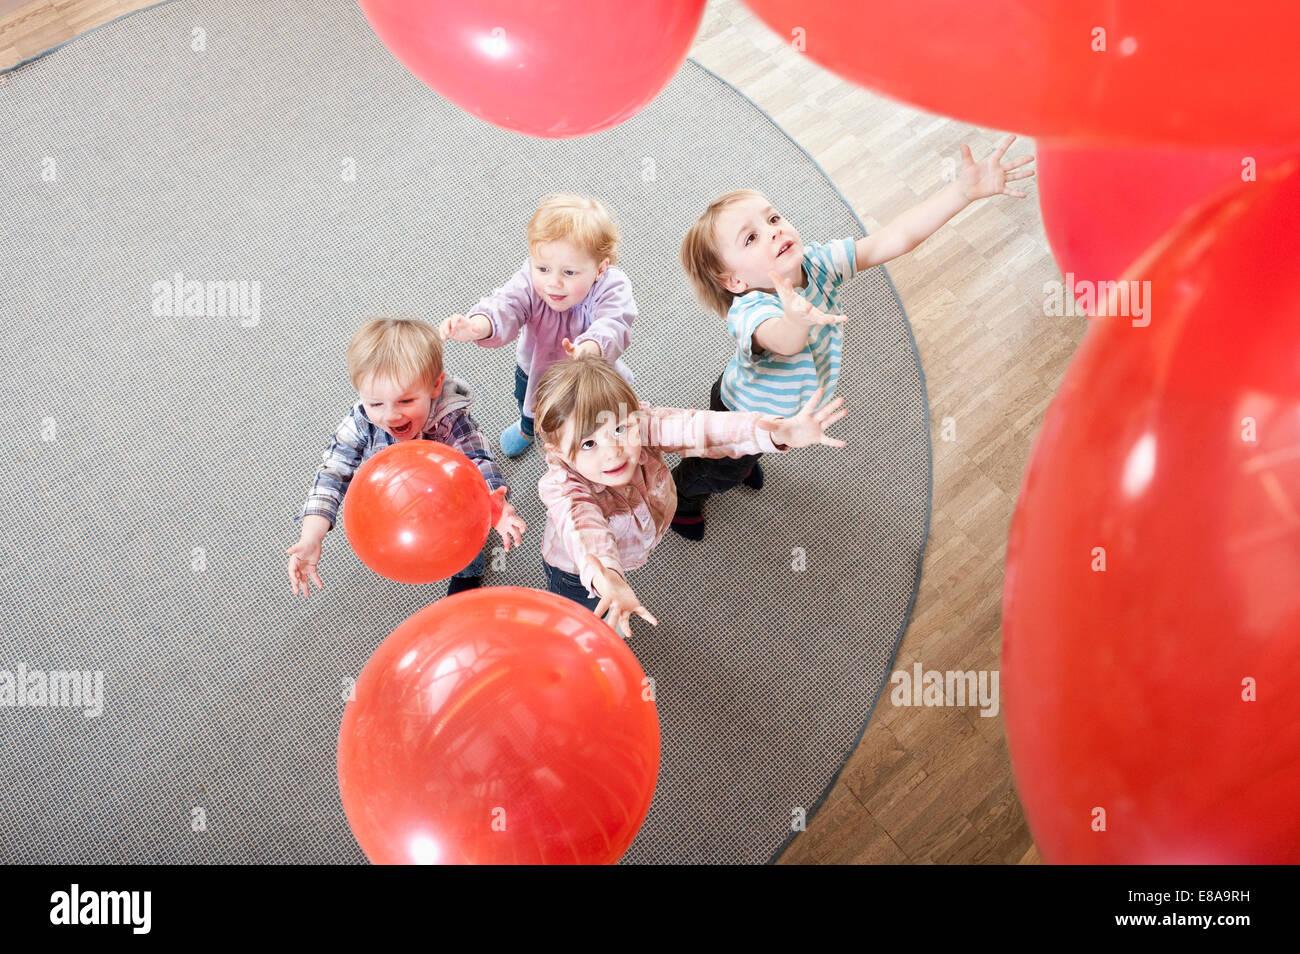 Quatre enfants qui jouent avec des ballons rouges en maternelle, elevated view Photo Stock